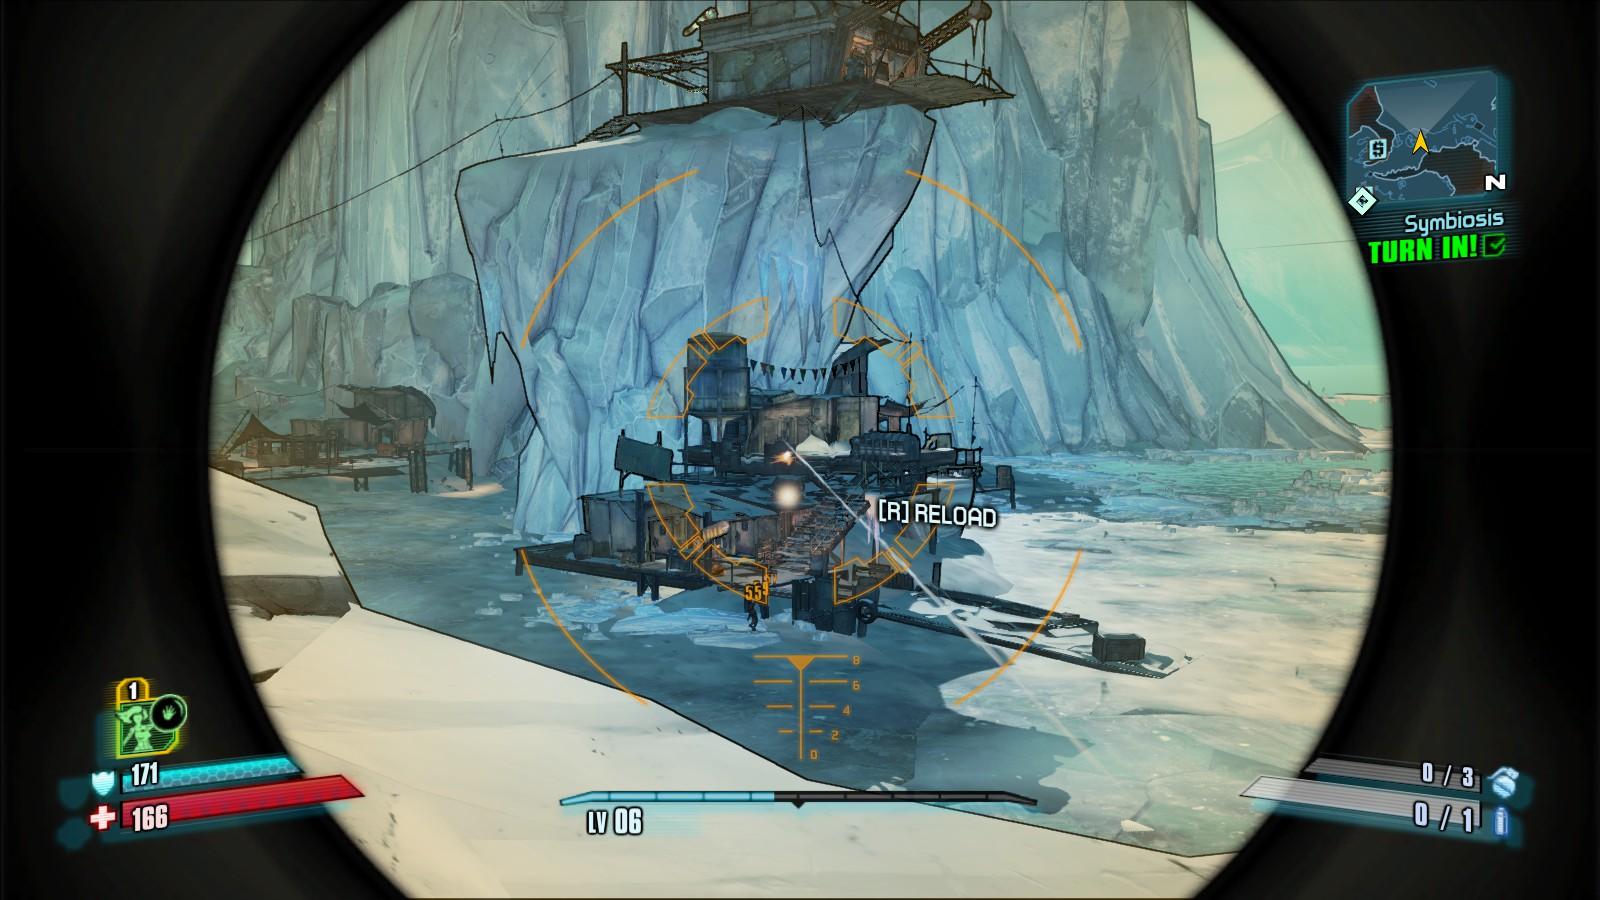 Nejzajímavější události týdne: Borderlands 2, FIFA 13, Dragon Age, Black Ops 2, Dead Island: Riptide (38. týden) 70531